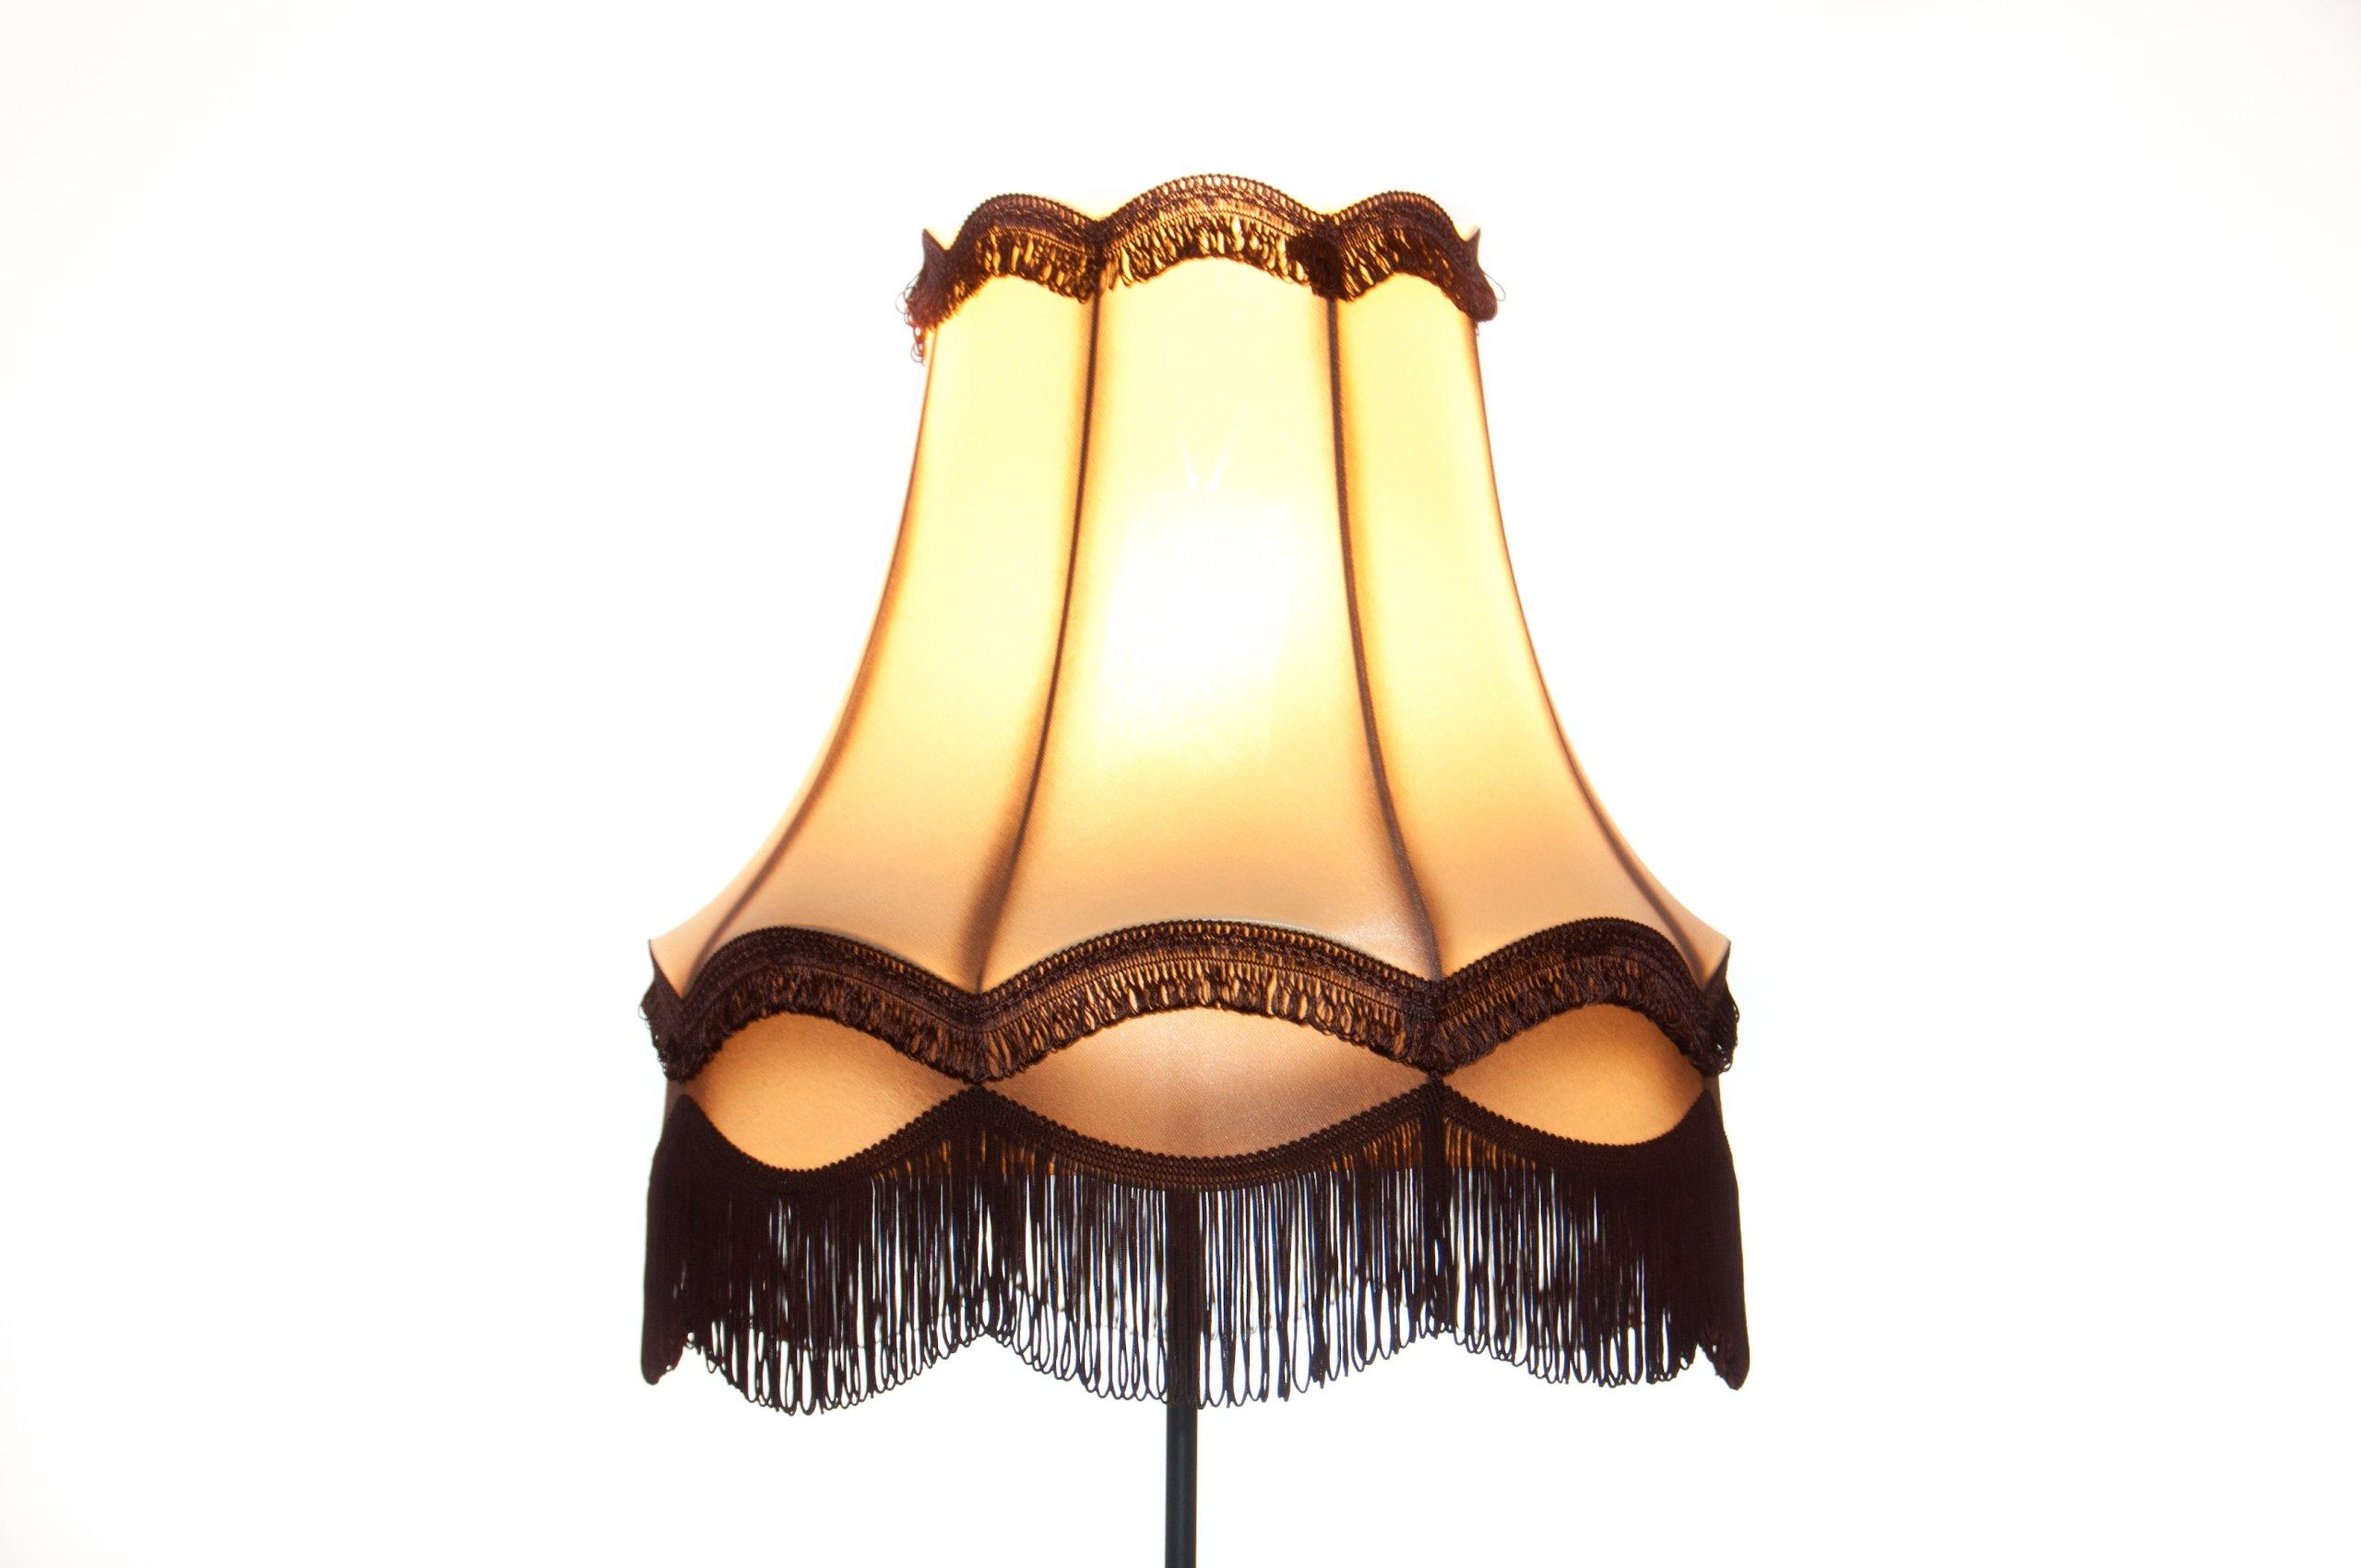 классический абажур на лампу. Большой выбор цветов.